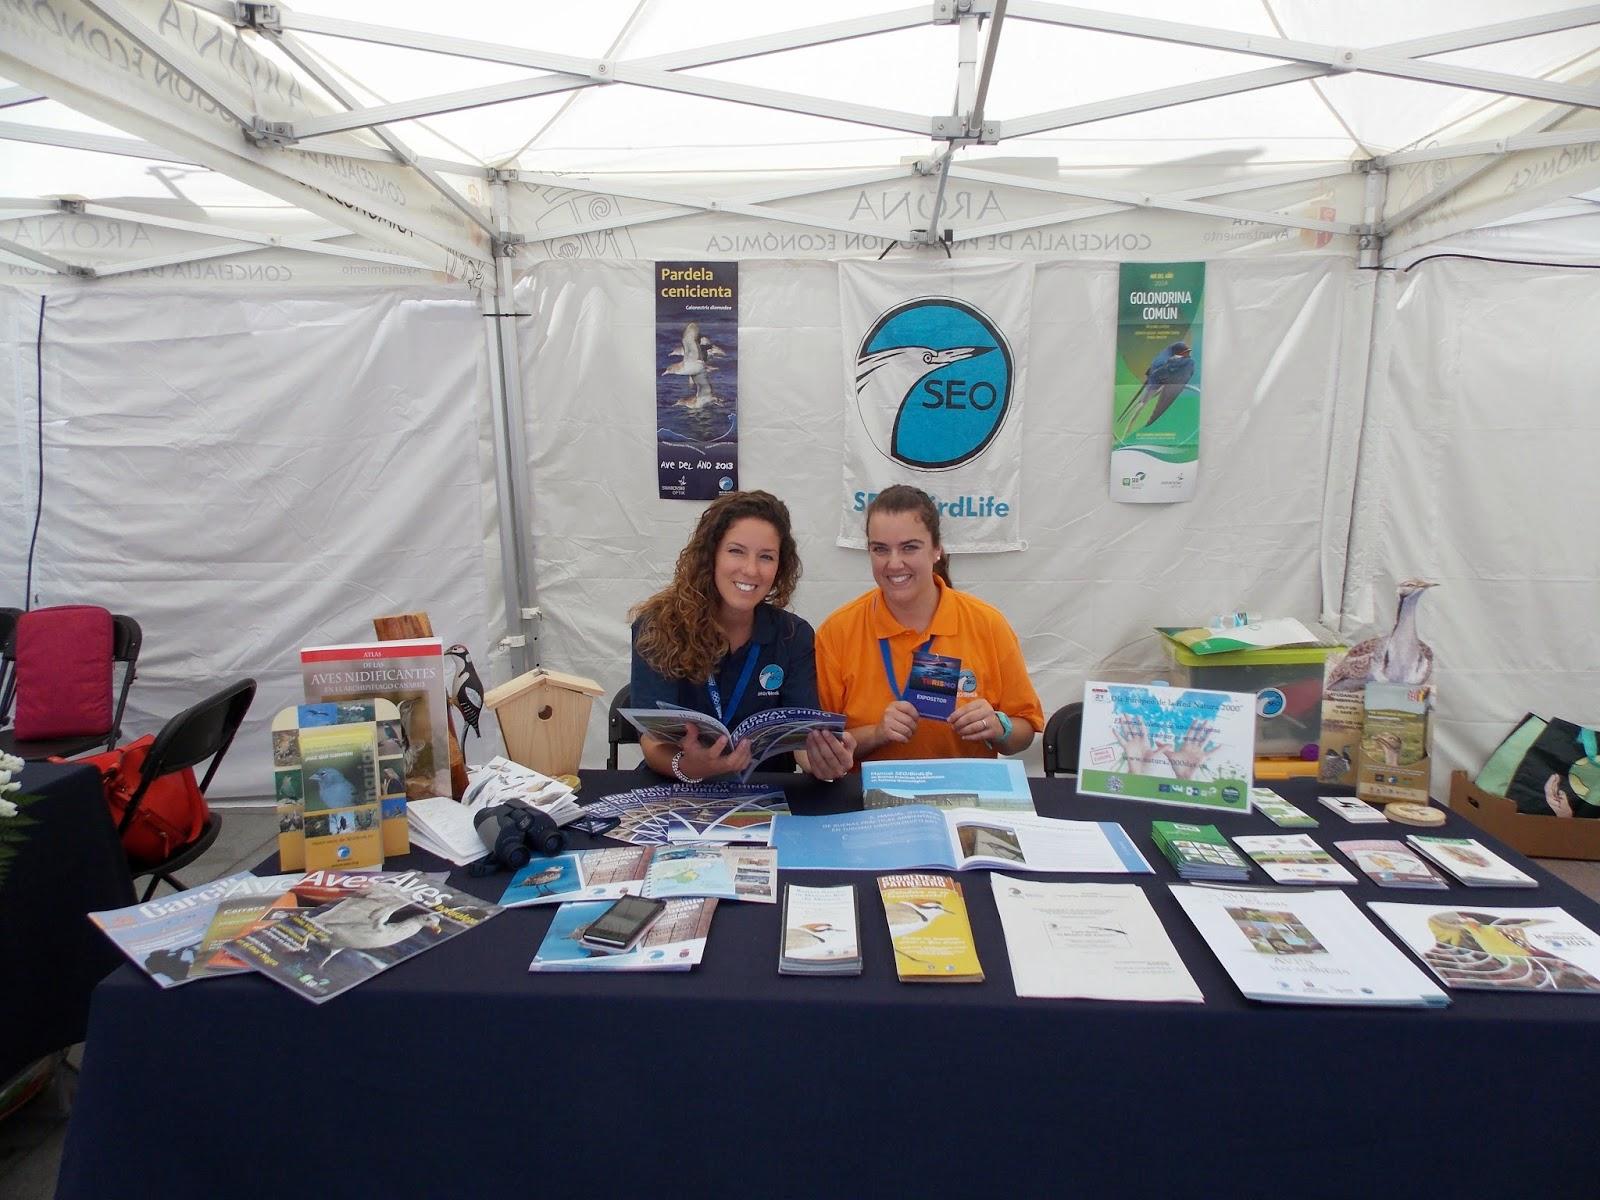 SEO/BirdLife en Canarias y miembros del grupo local SEO-Tinerfe en Futurismo Canarias